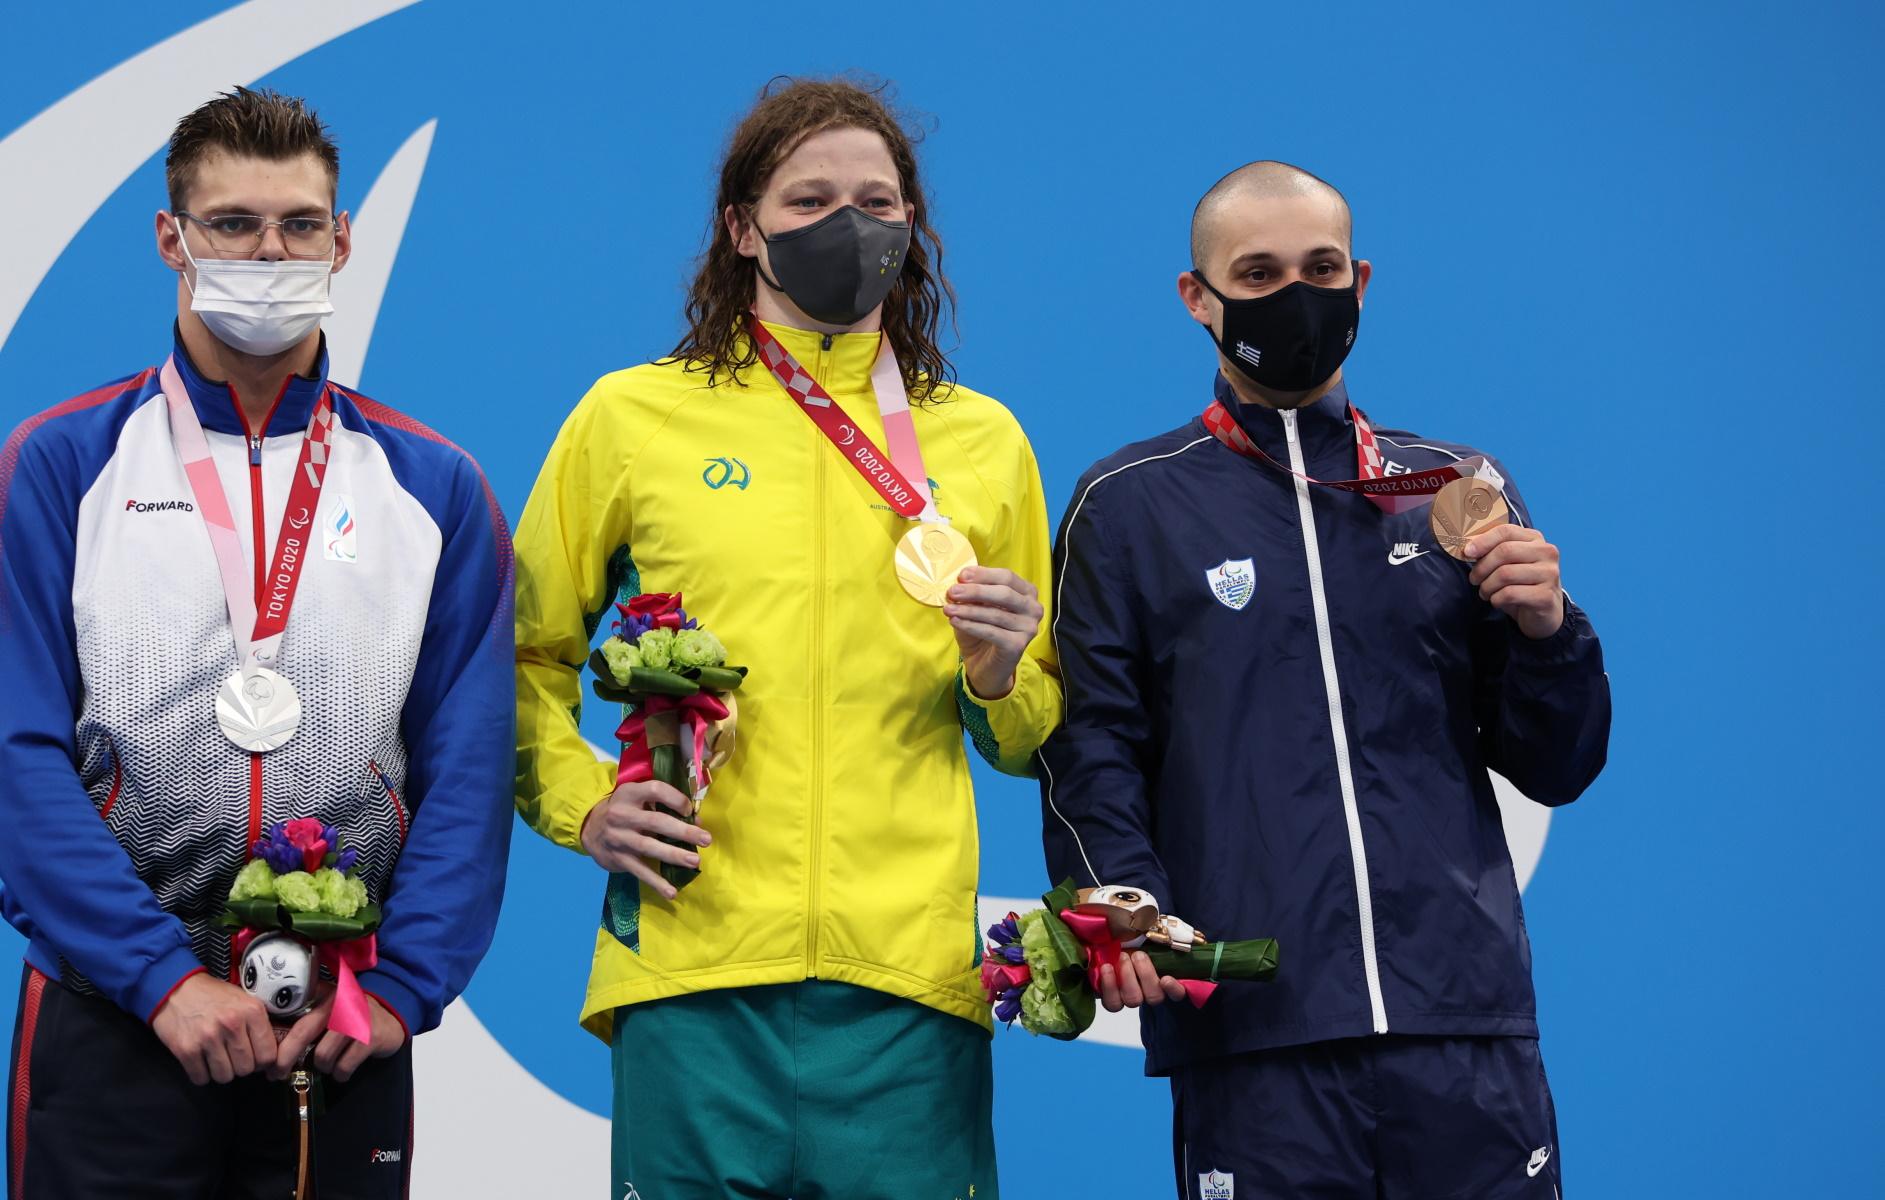 Παραολυμπιακοί Αγώνες: Χάλκινο μετάλλιο για τον Μιχαλεντζάκη στα 100 μ. ελεύθερο στην κολύμβηση